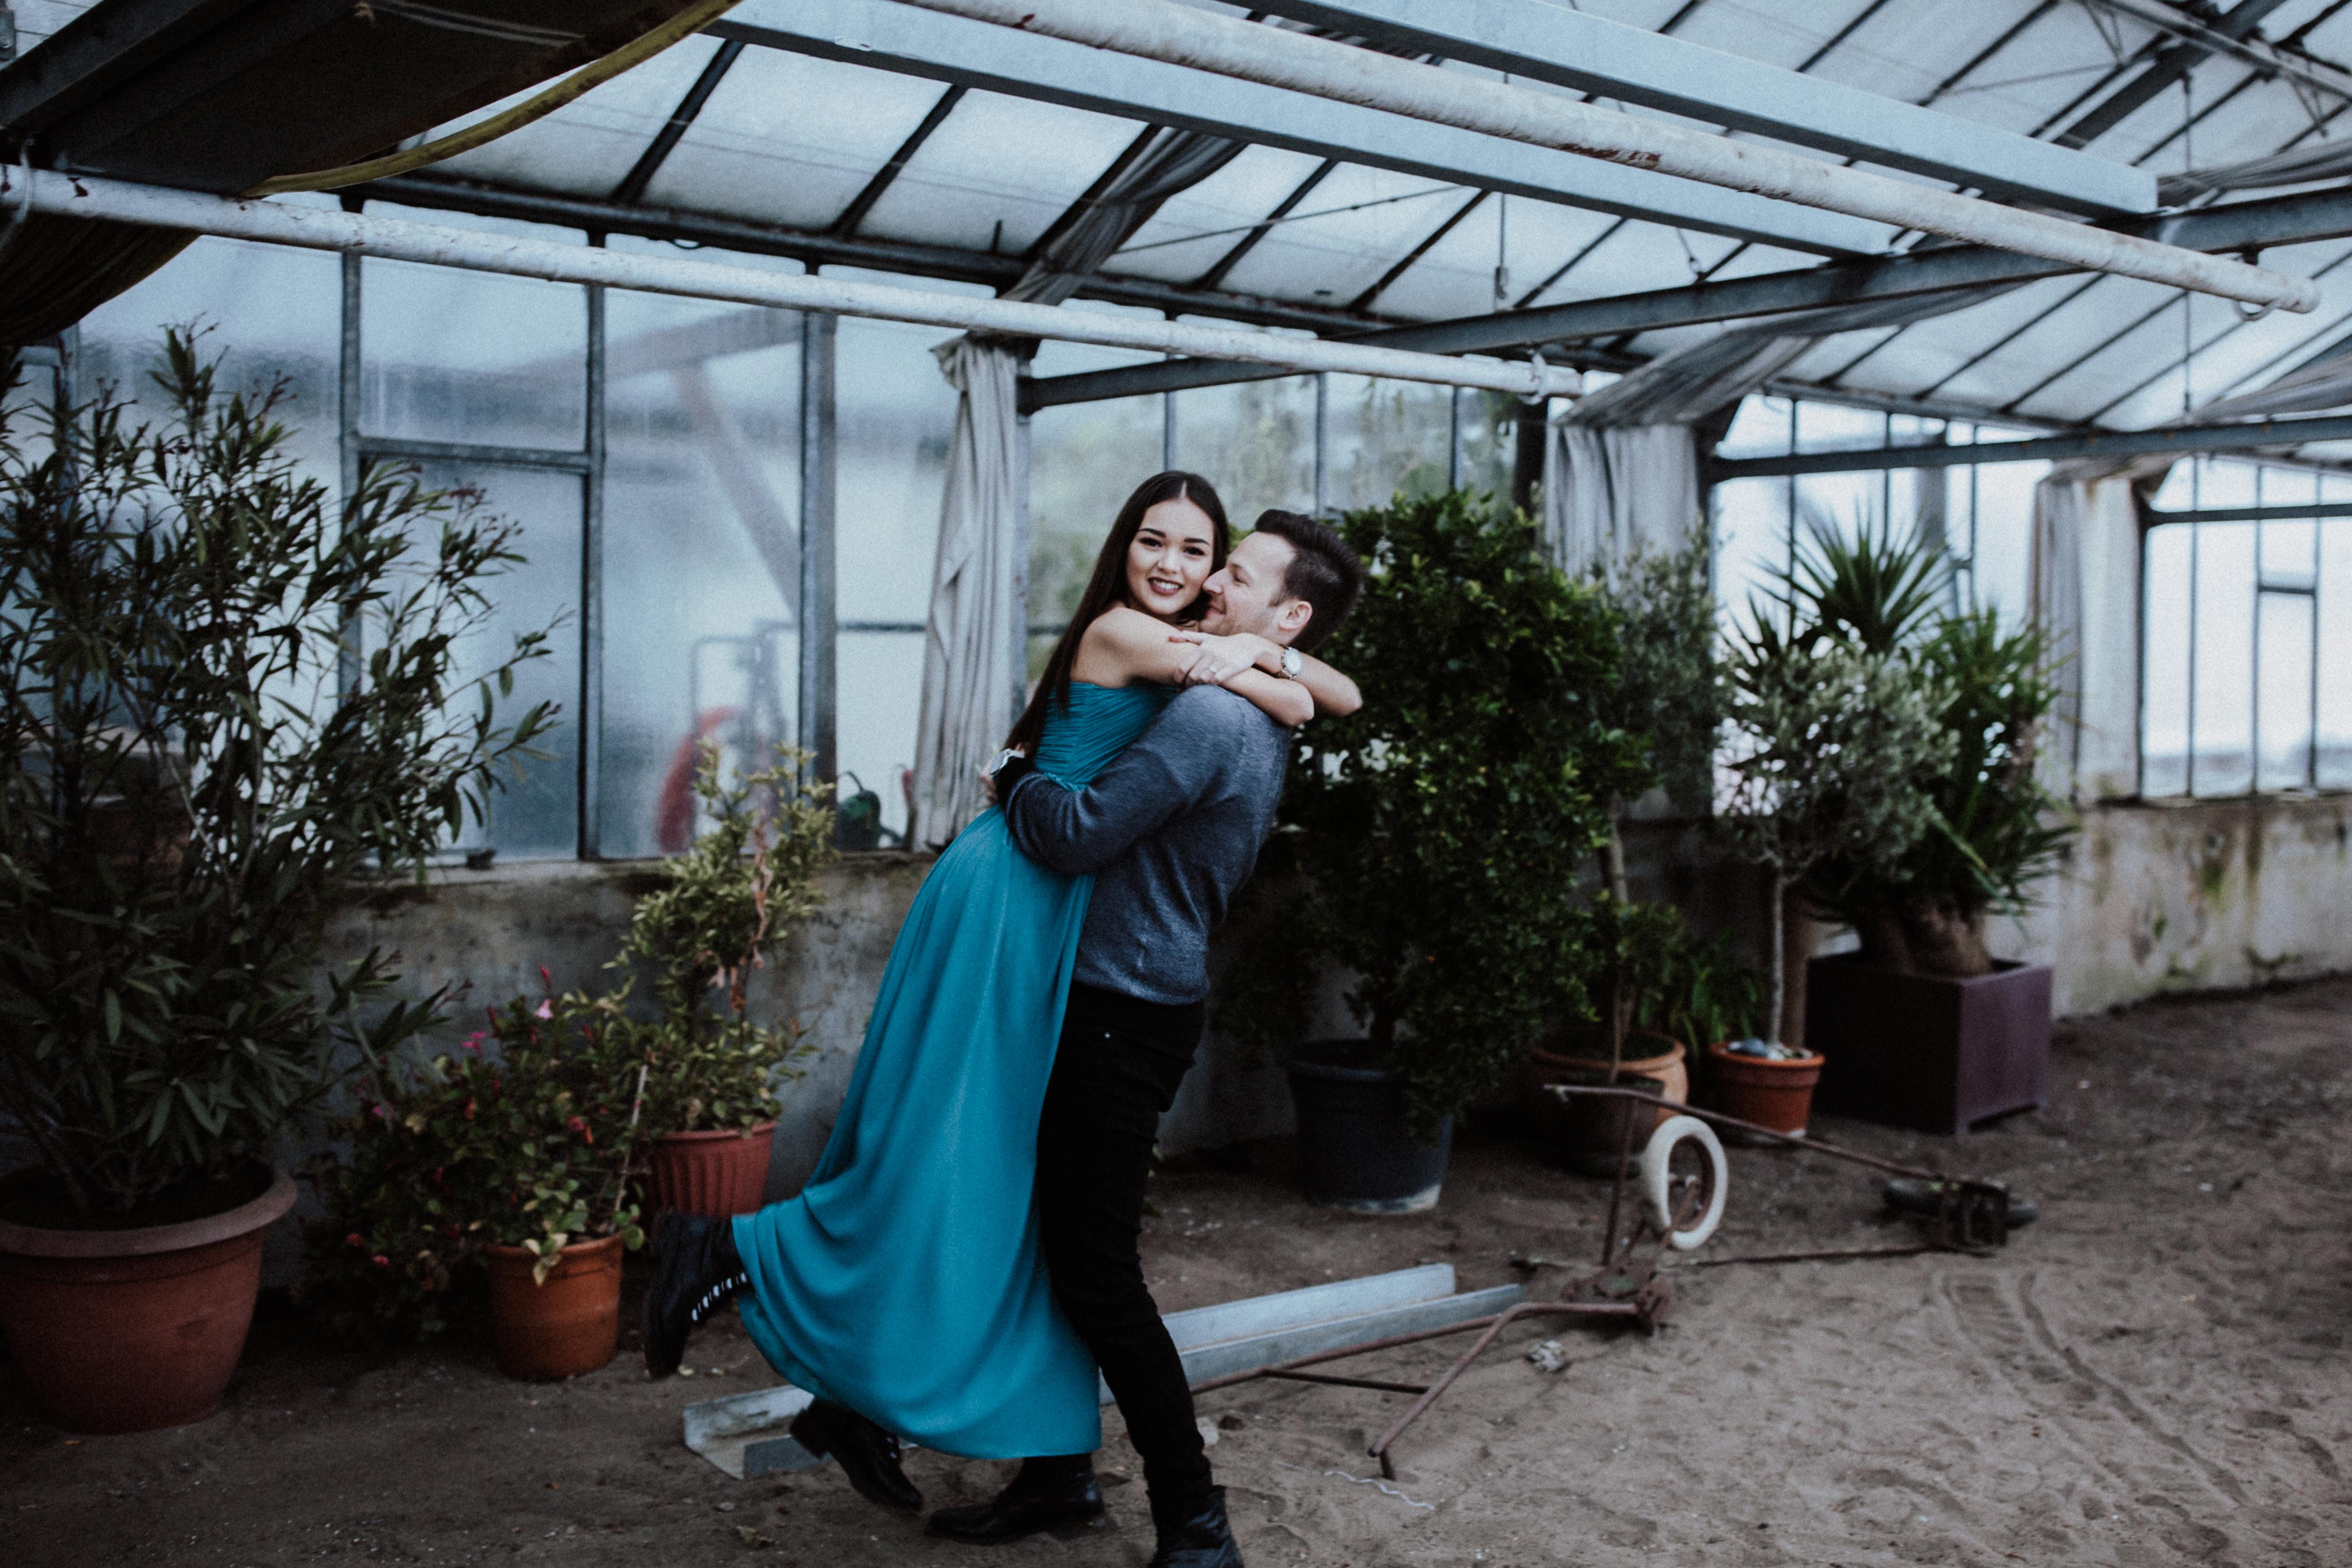 URBANERIE_Daniela_Goth_Paarfotografin_Nürnberg_Fürth_Erlangen_Schwabach_171210_0144